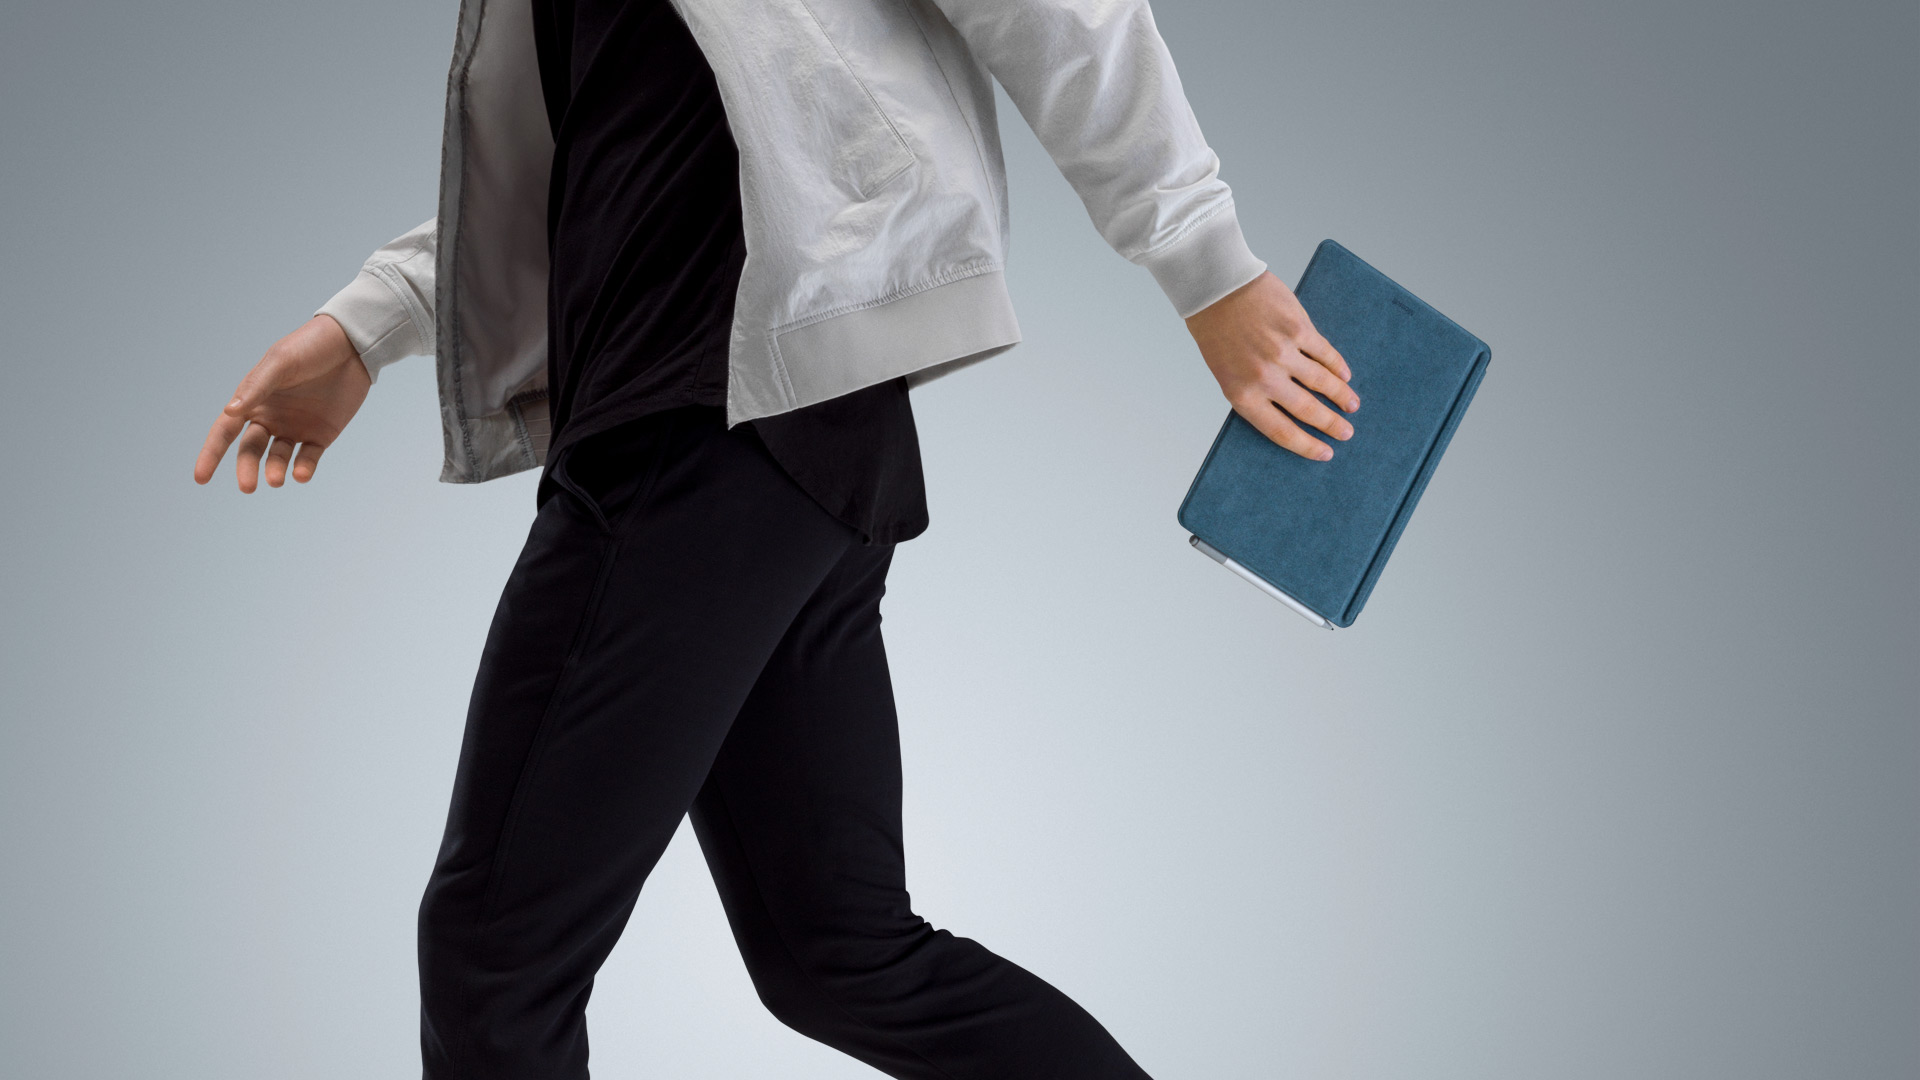 رجل يمشي حاملاً جهاز Surface Go مع جهاز Surface Go Signature Type Cover الأزرق